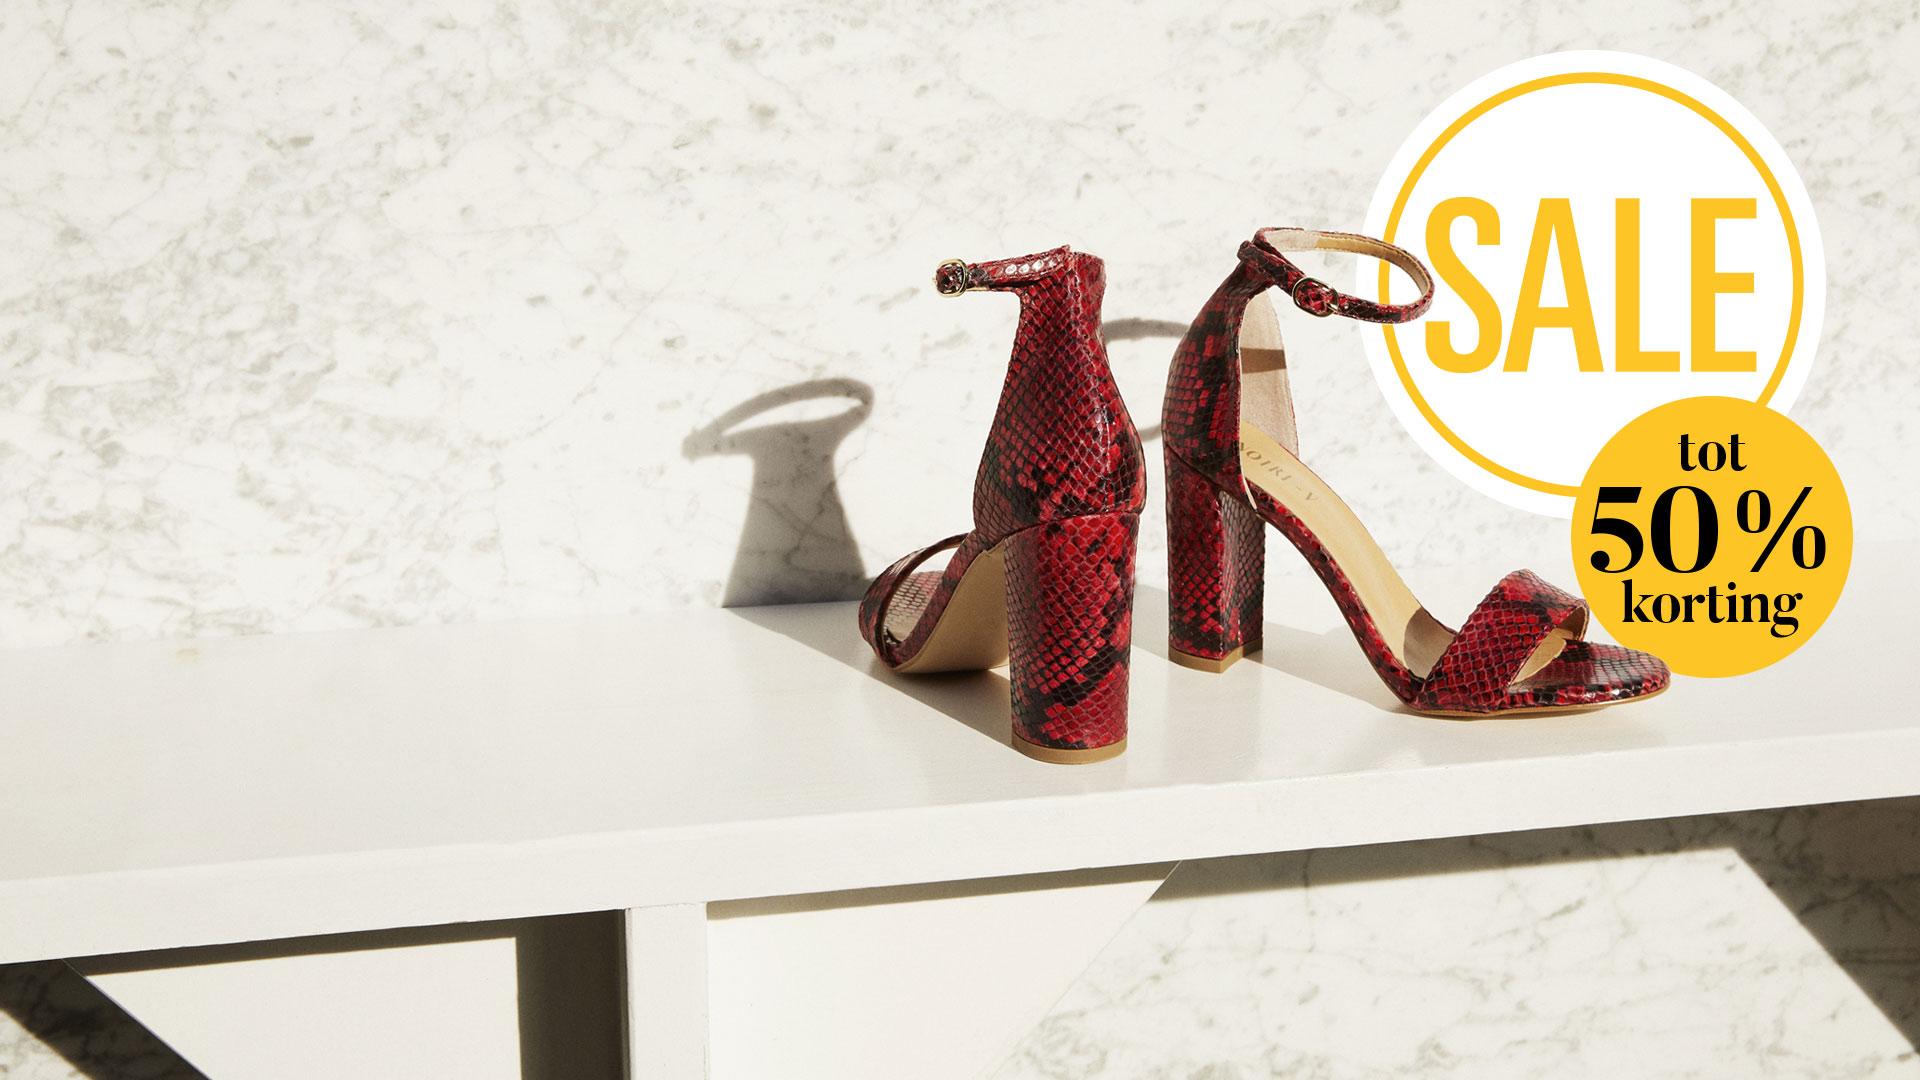 ddca4c14ef527f Schoenen, tassen en accessoires online bestellen - Omoda.nl